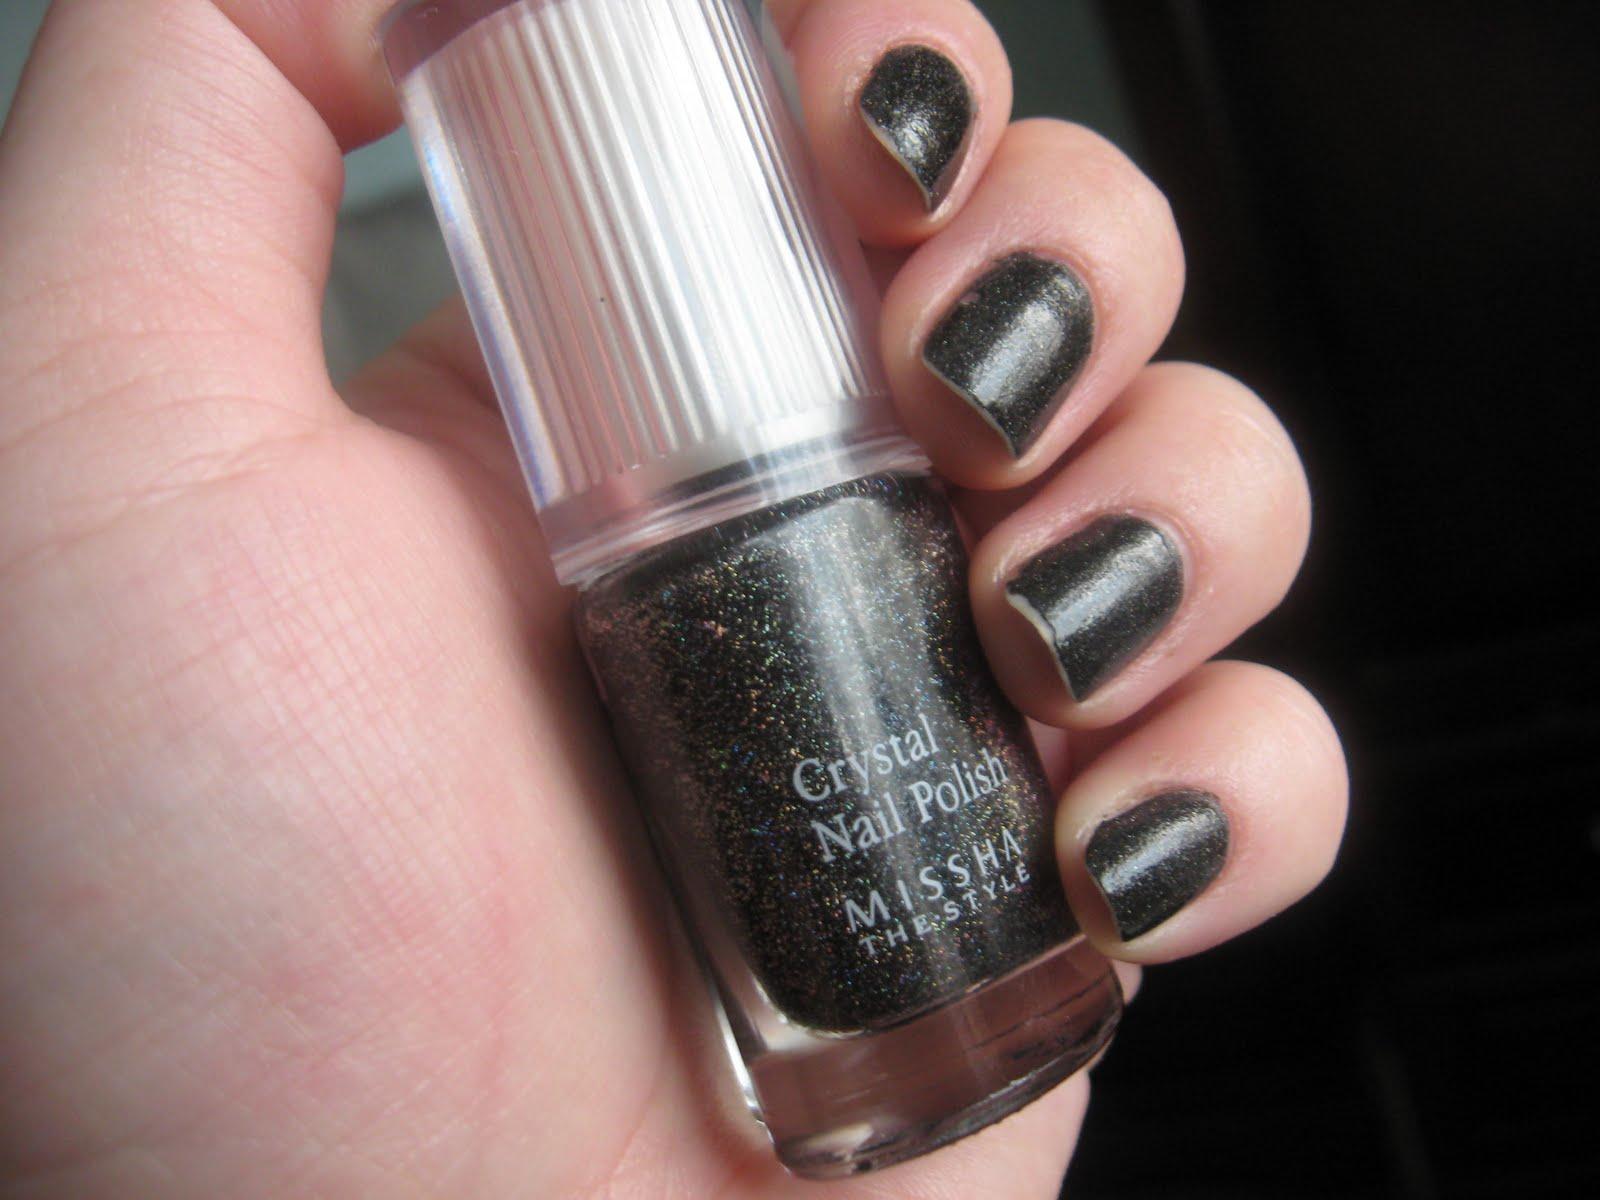 Miss ebony nail polish